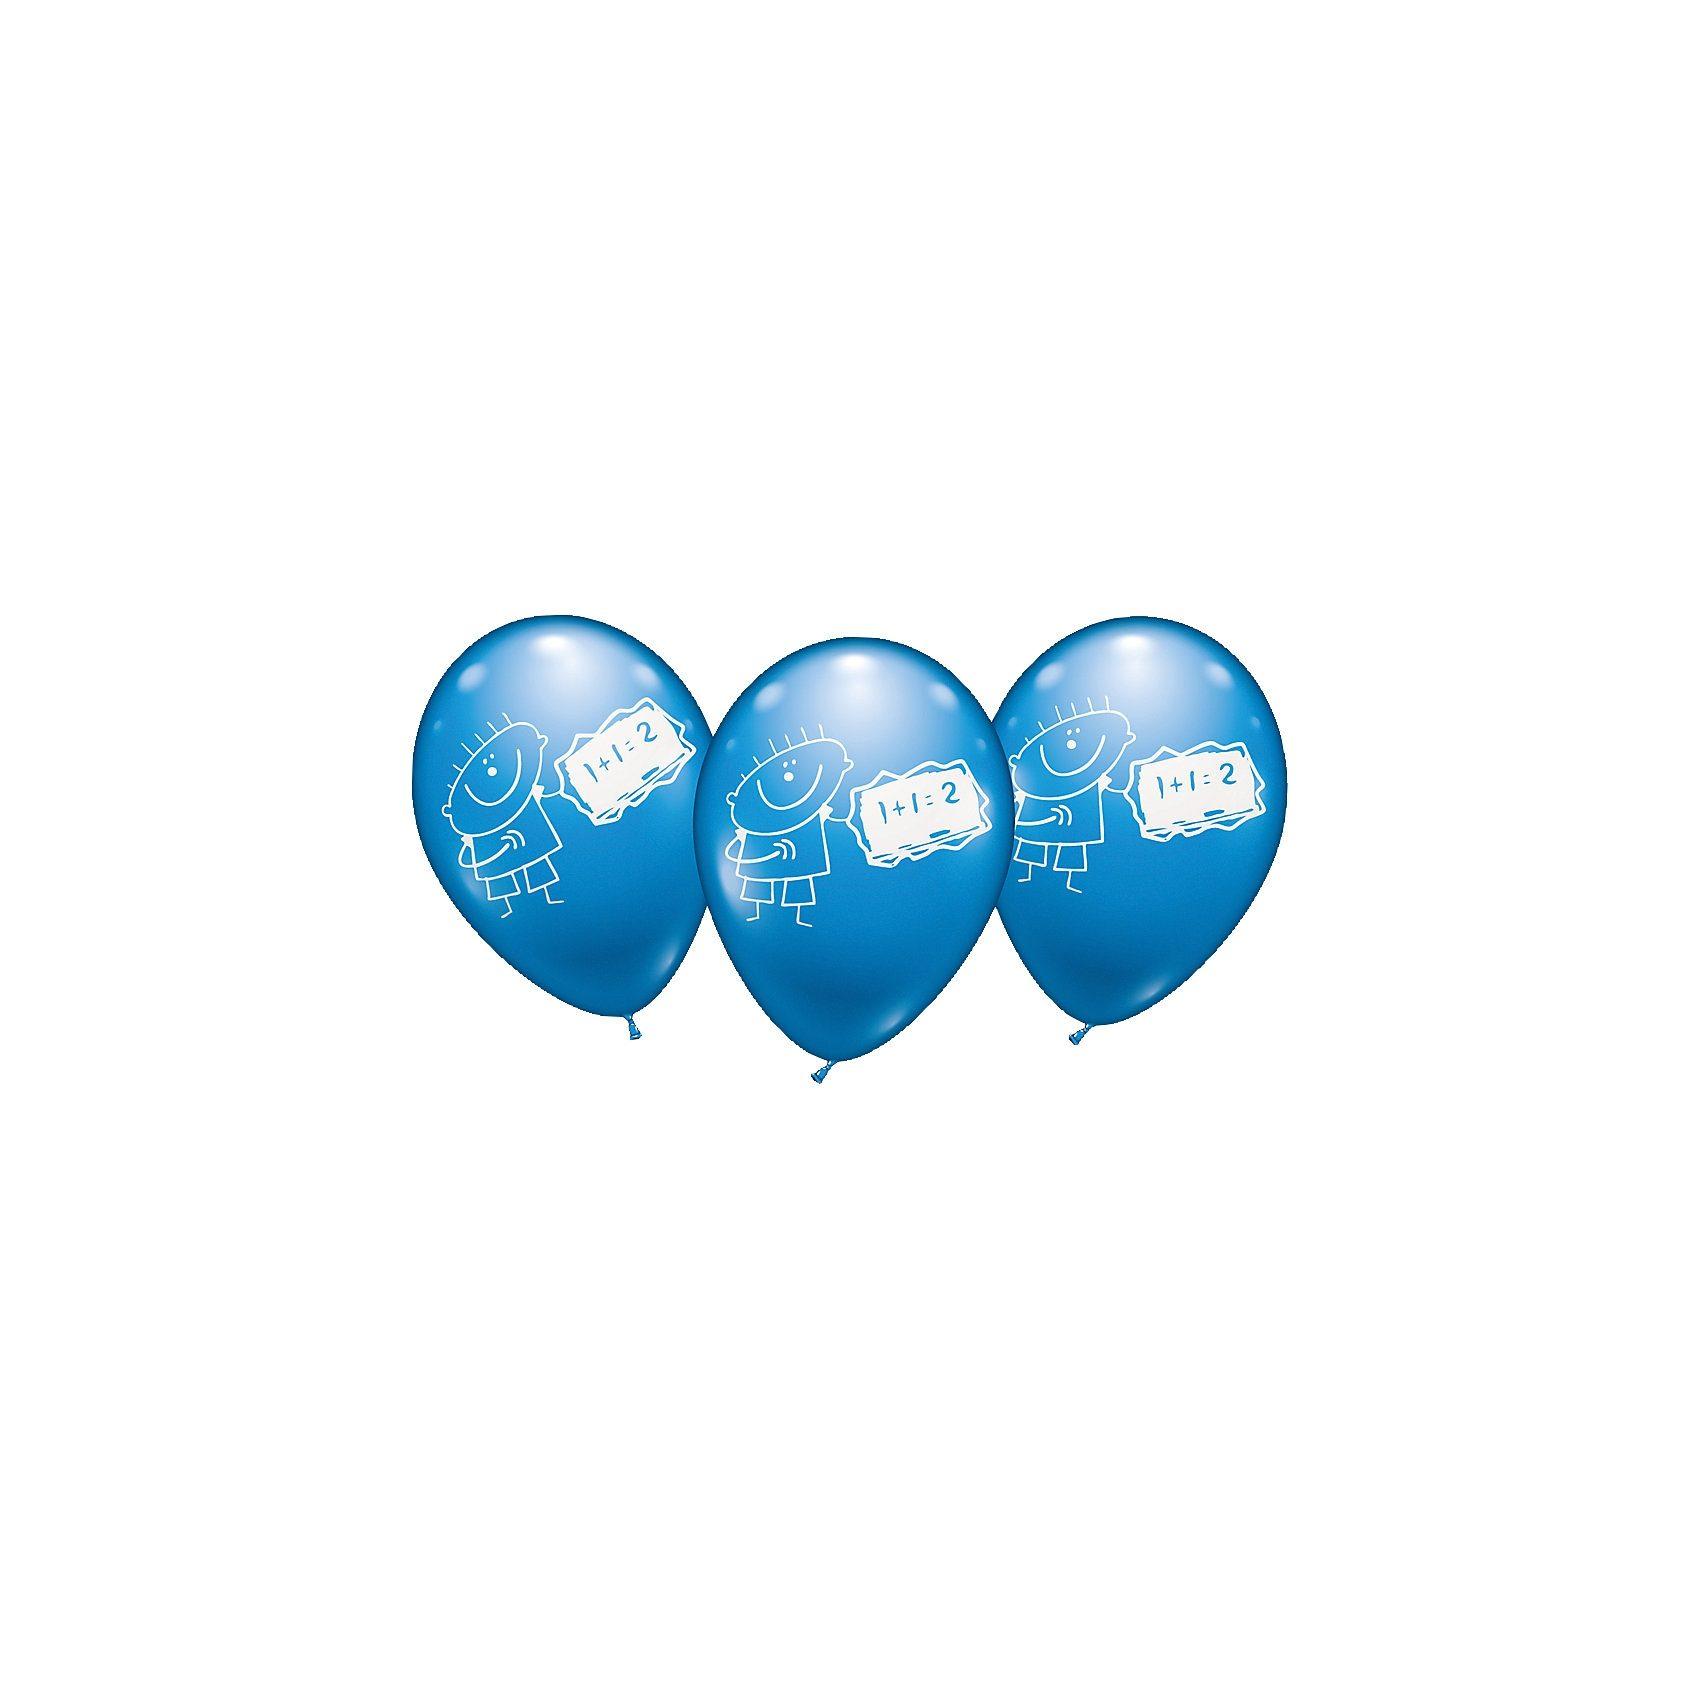 Karaloon Luftballons Schule Boys, 6 Stück